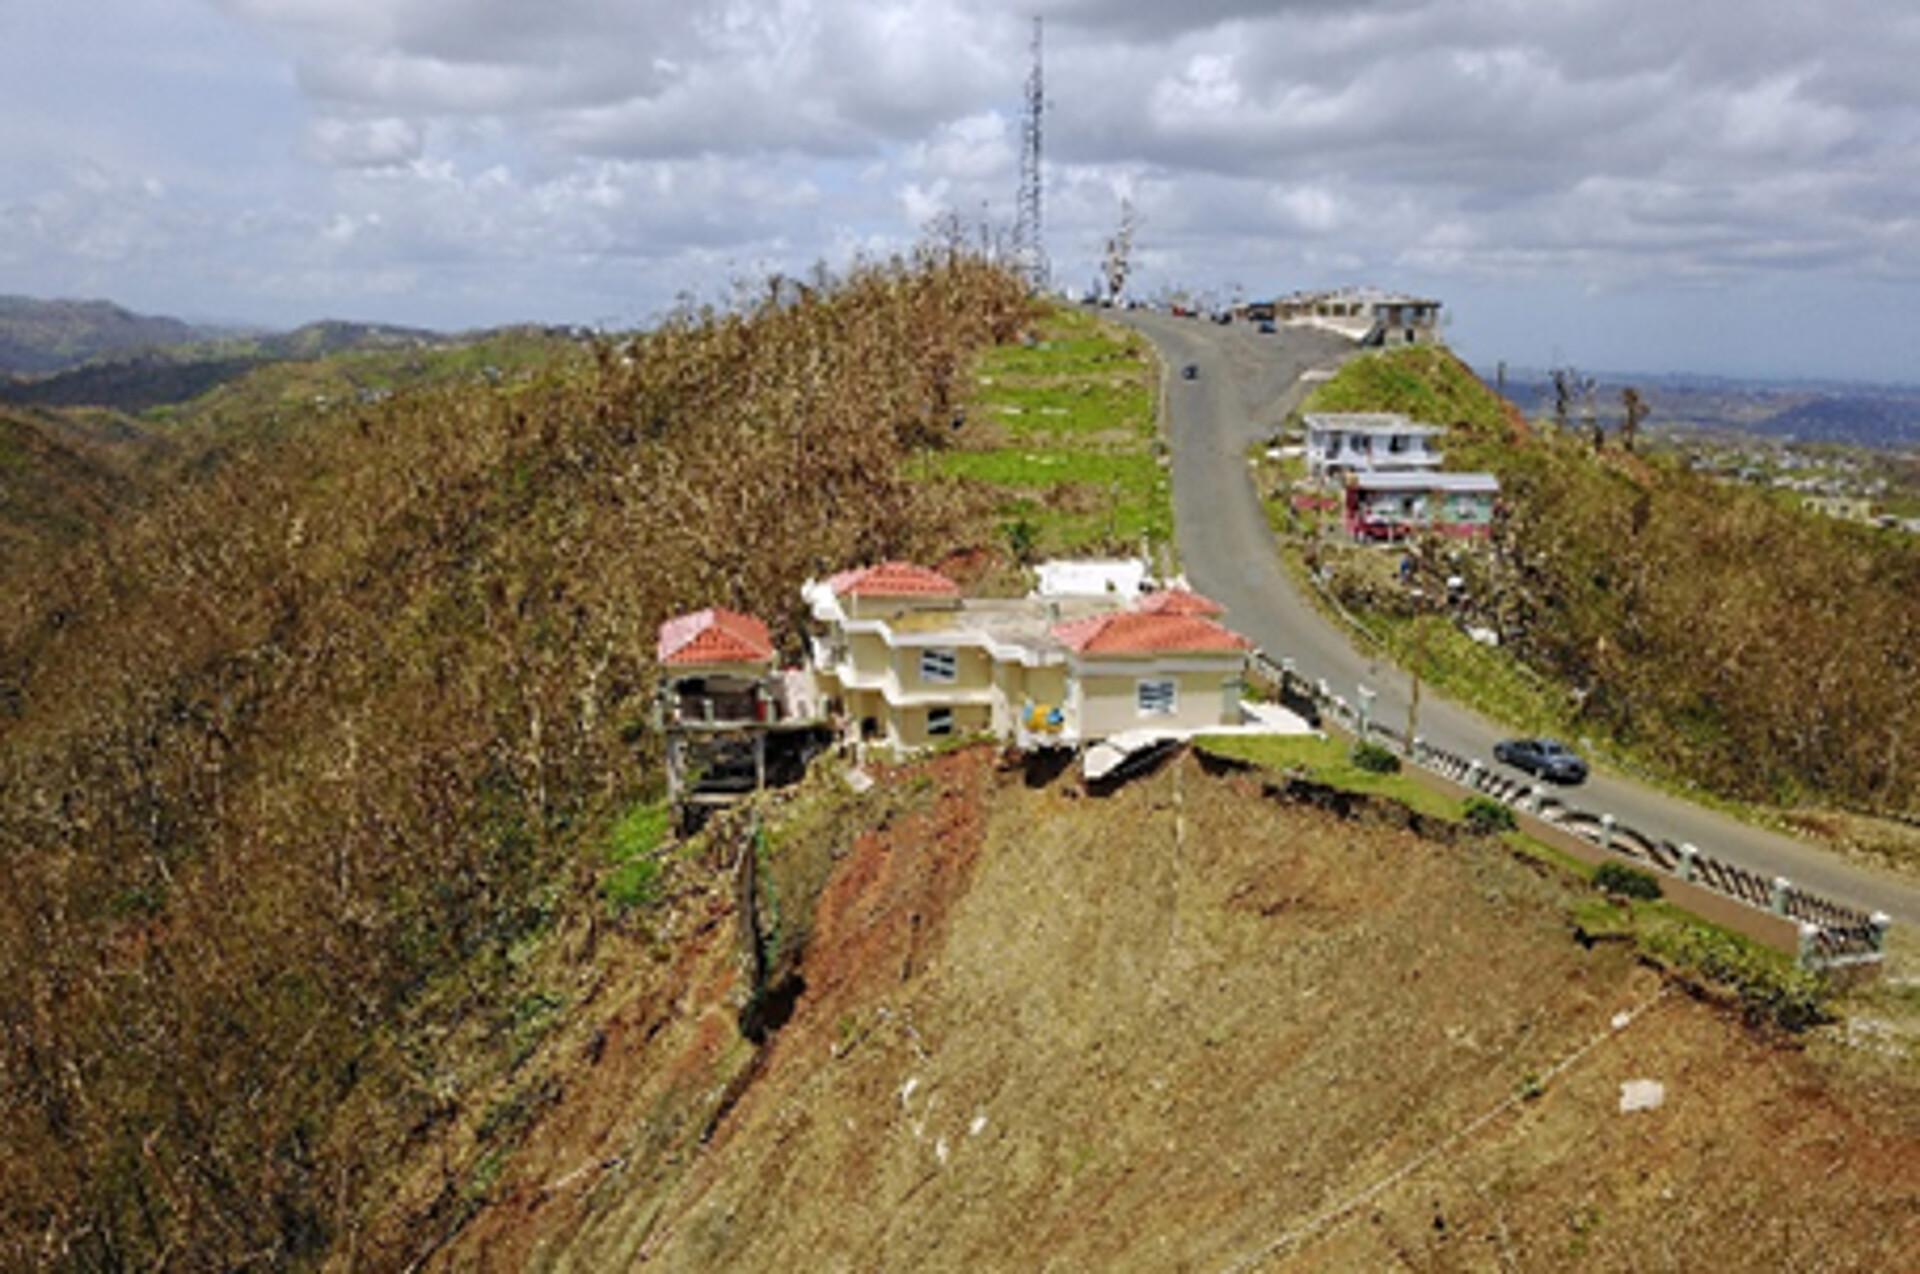 Casa Lujosa en Orocovis impactada por derrumbe